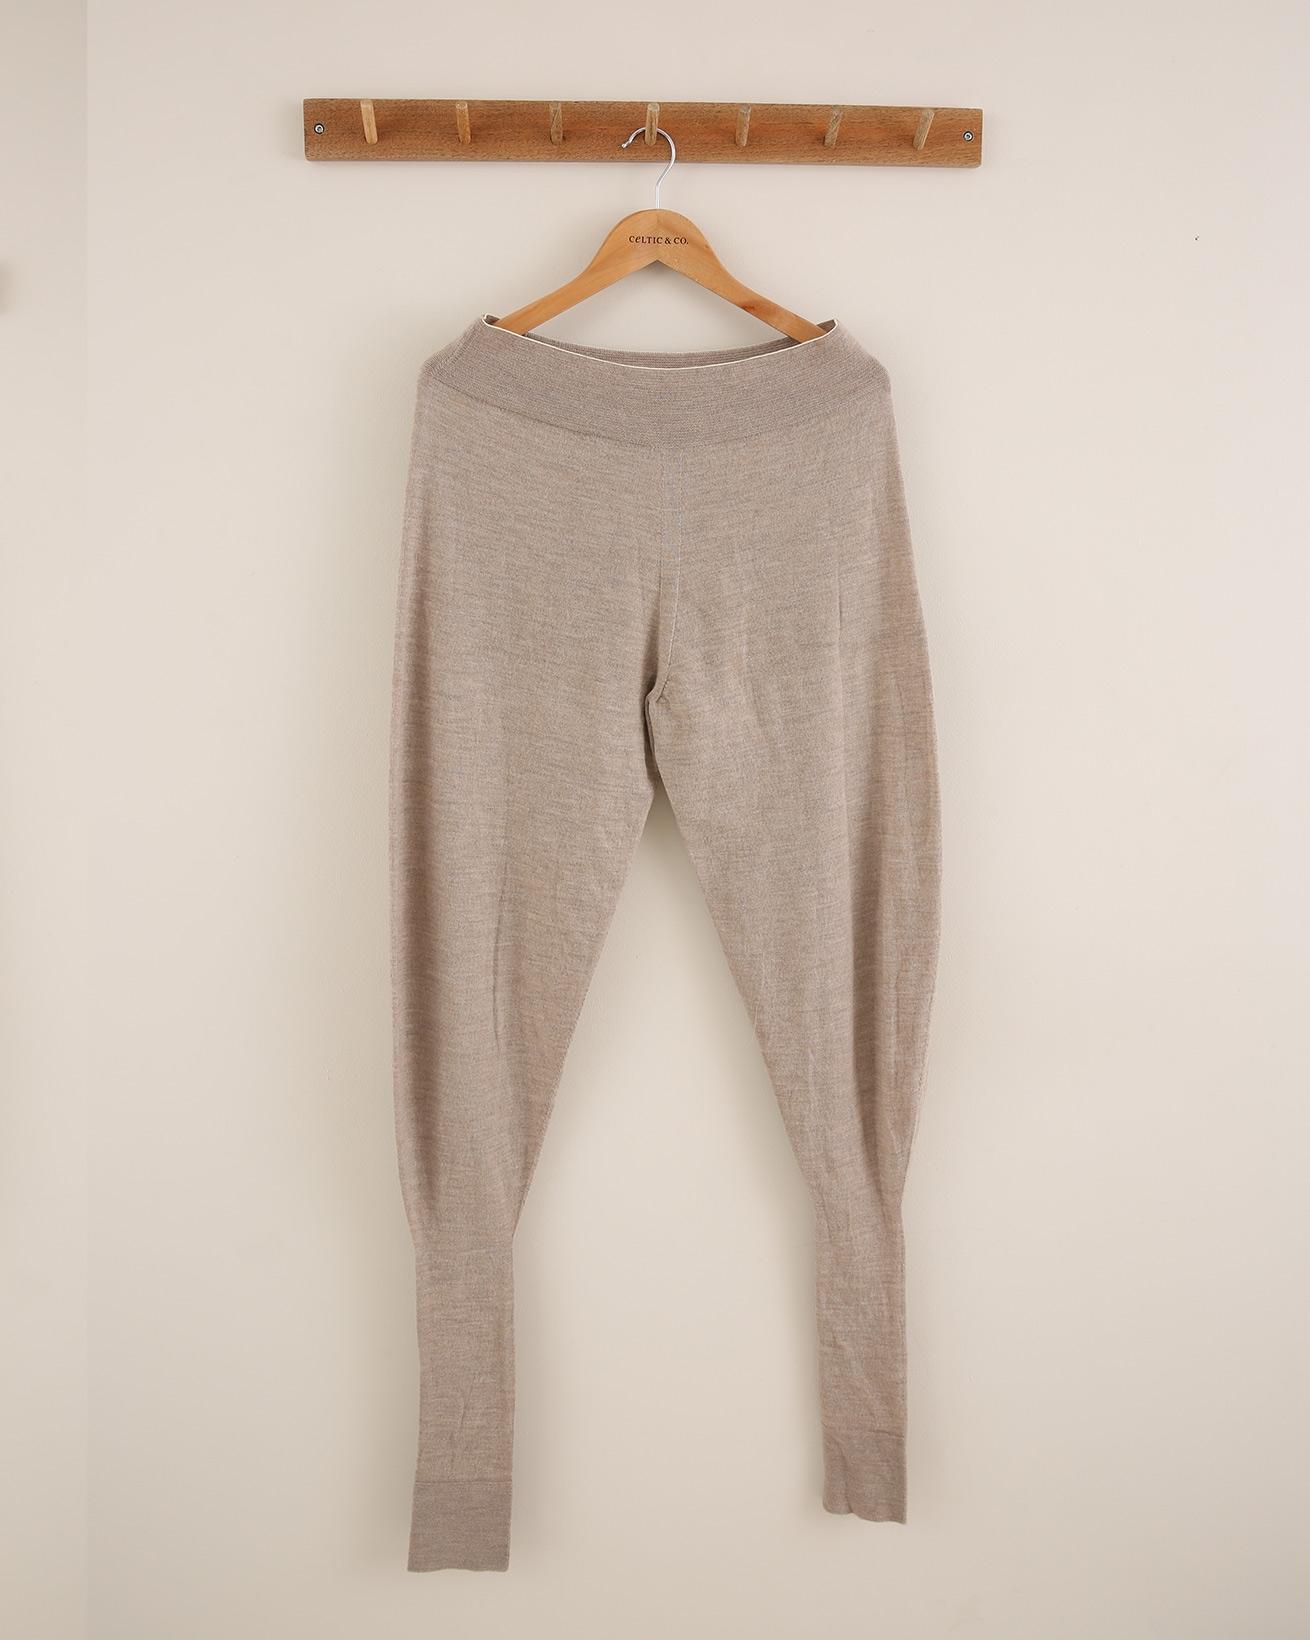 Merino Cuffed Lounge Pants - Size Small - Mushroom - 1805